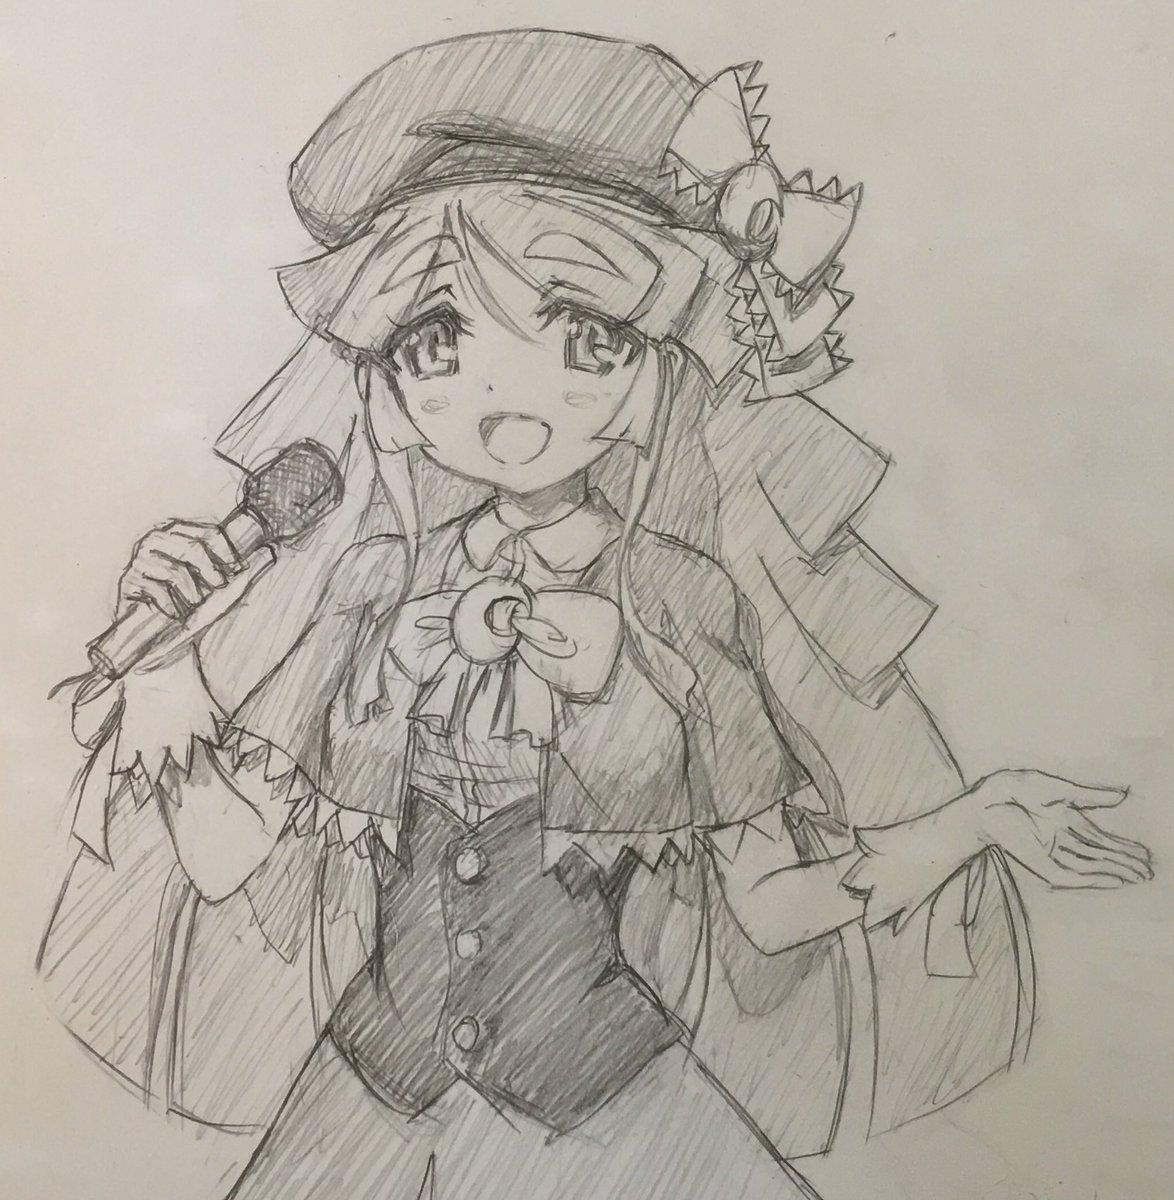 歌唱する 月詠るなちゃん (cv:徳井青空さん) (*^▽^*)ノ *完成版そらまるぅ! ミラクル青空ナイト  で素敵に